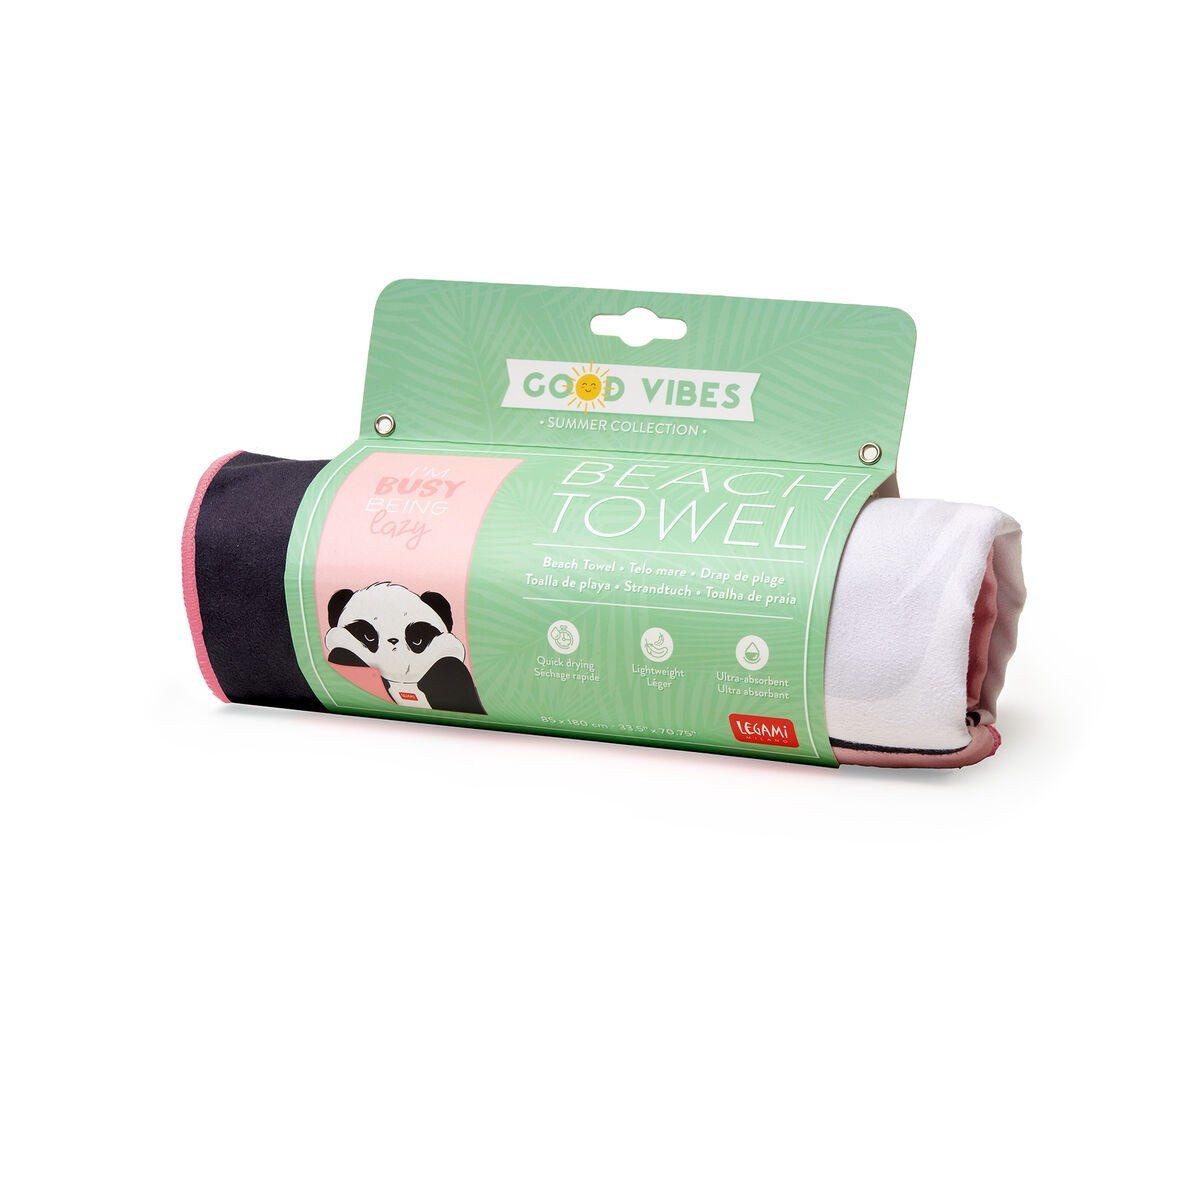 Legami BT0007 Πετσέτα Παραλίας - Panda (1.80 x 0.85 εκ)